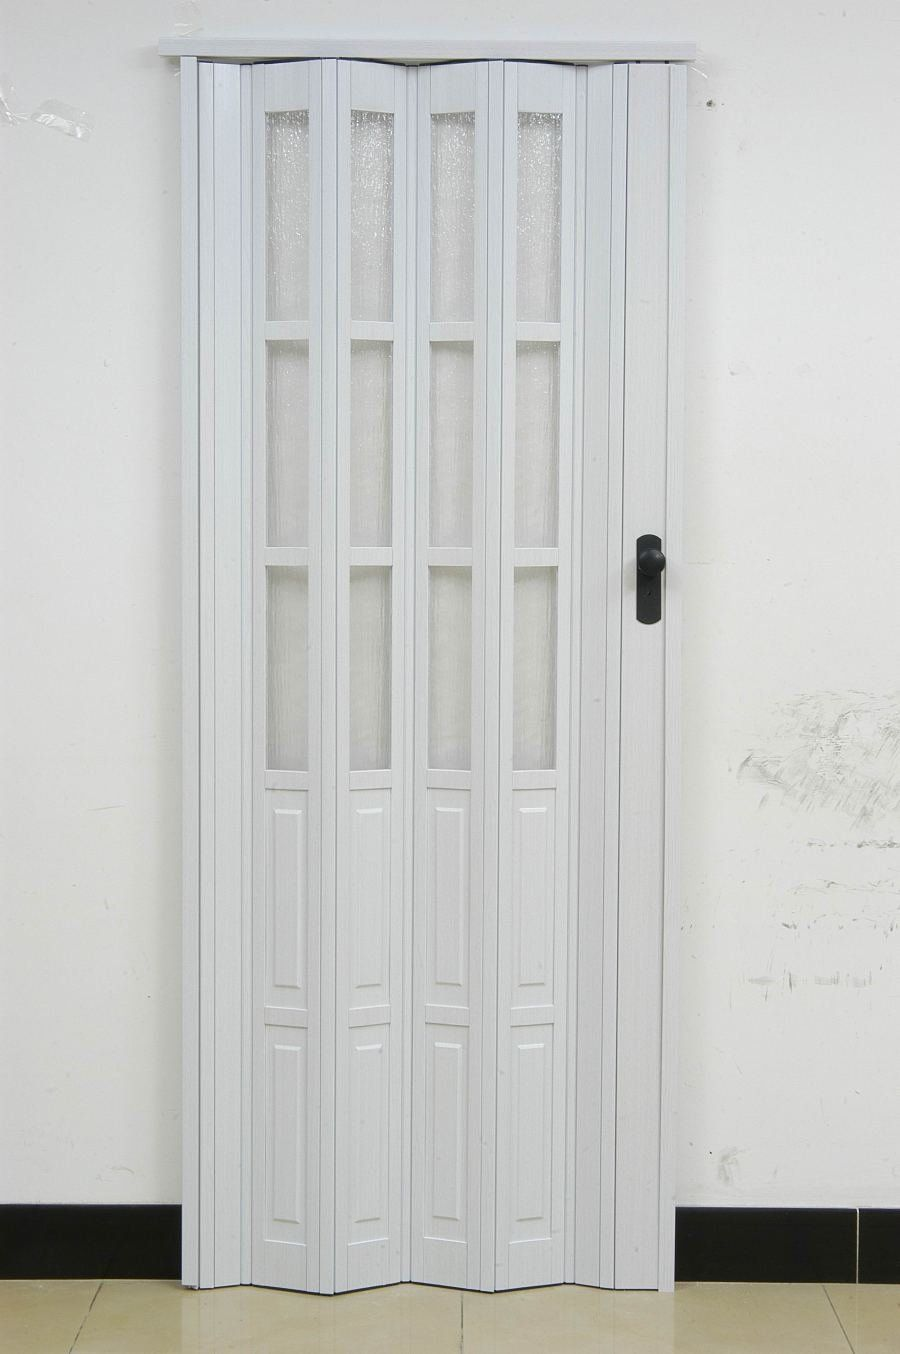 Pvc Folding Door L10 003ps Casual Door Plastic Door Accordion Doors H205cm W86cm Postage Free In Accordion Doors